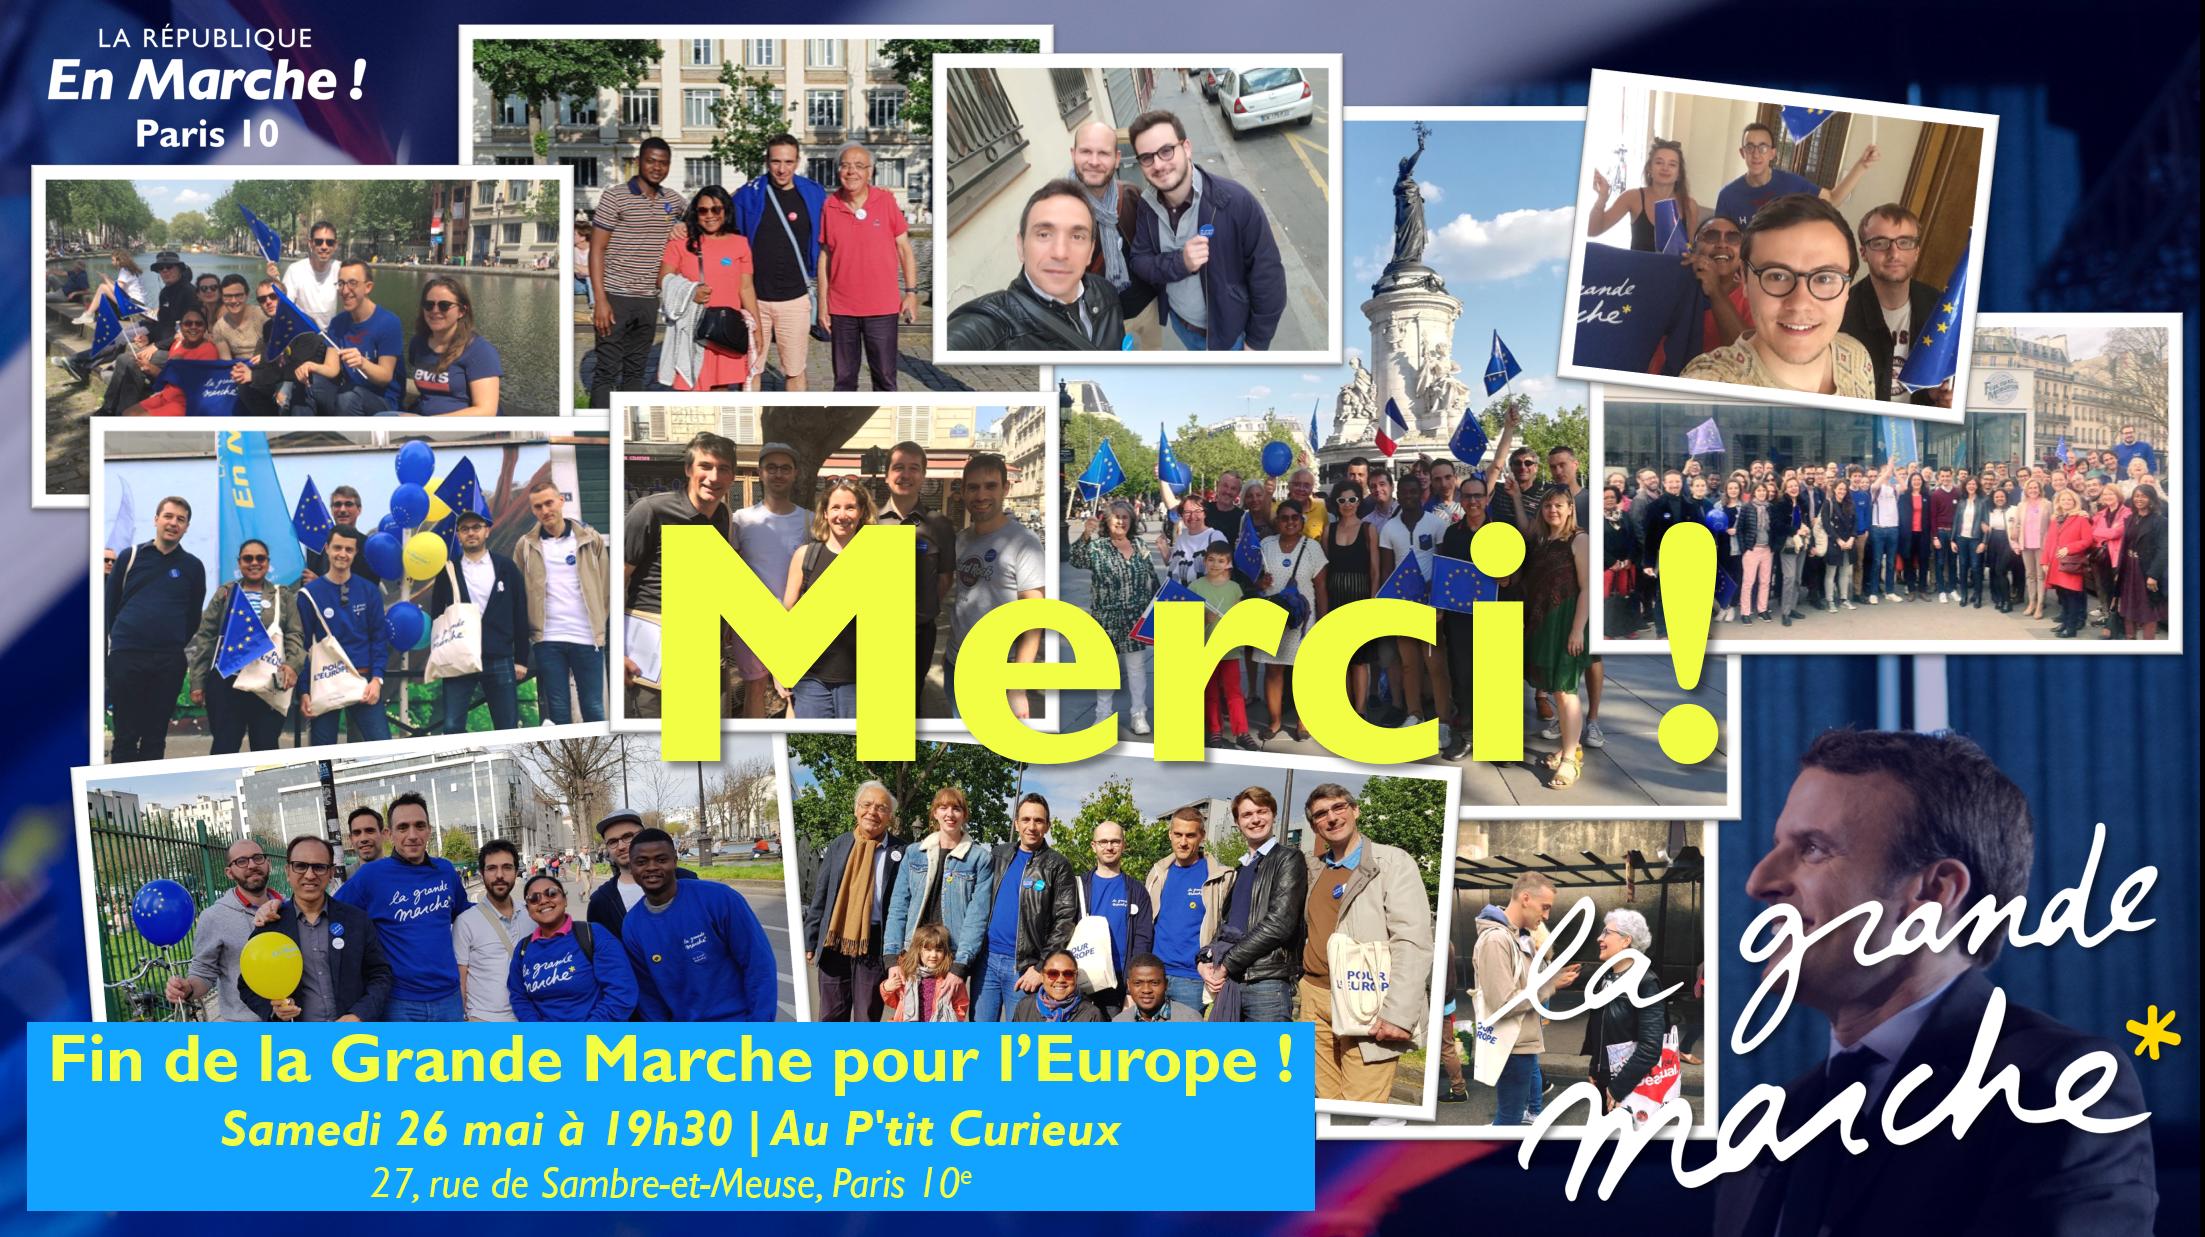 Fin de la Grande Marche Europe à Paris 10 - Pot convivial !